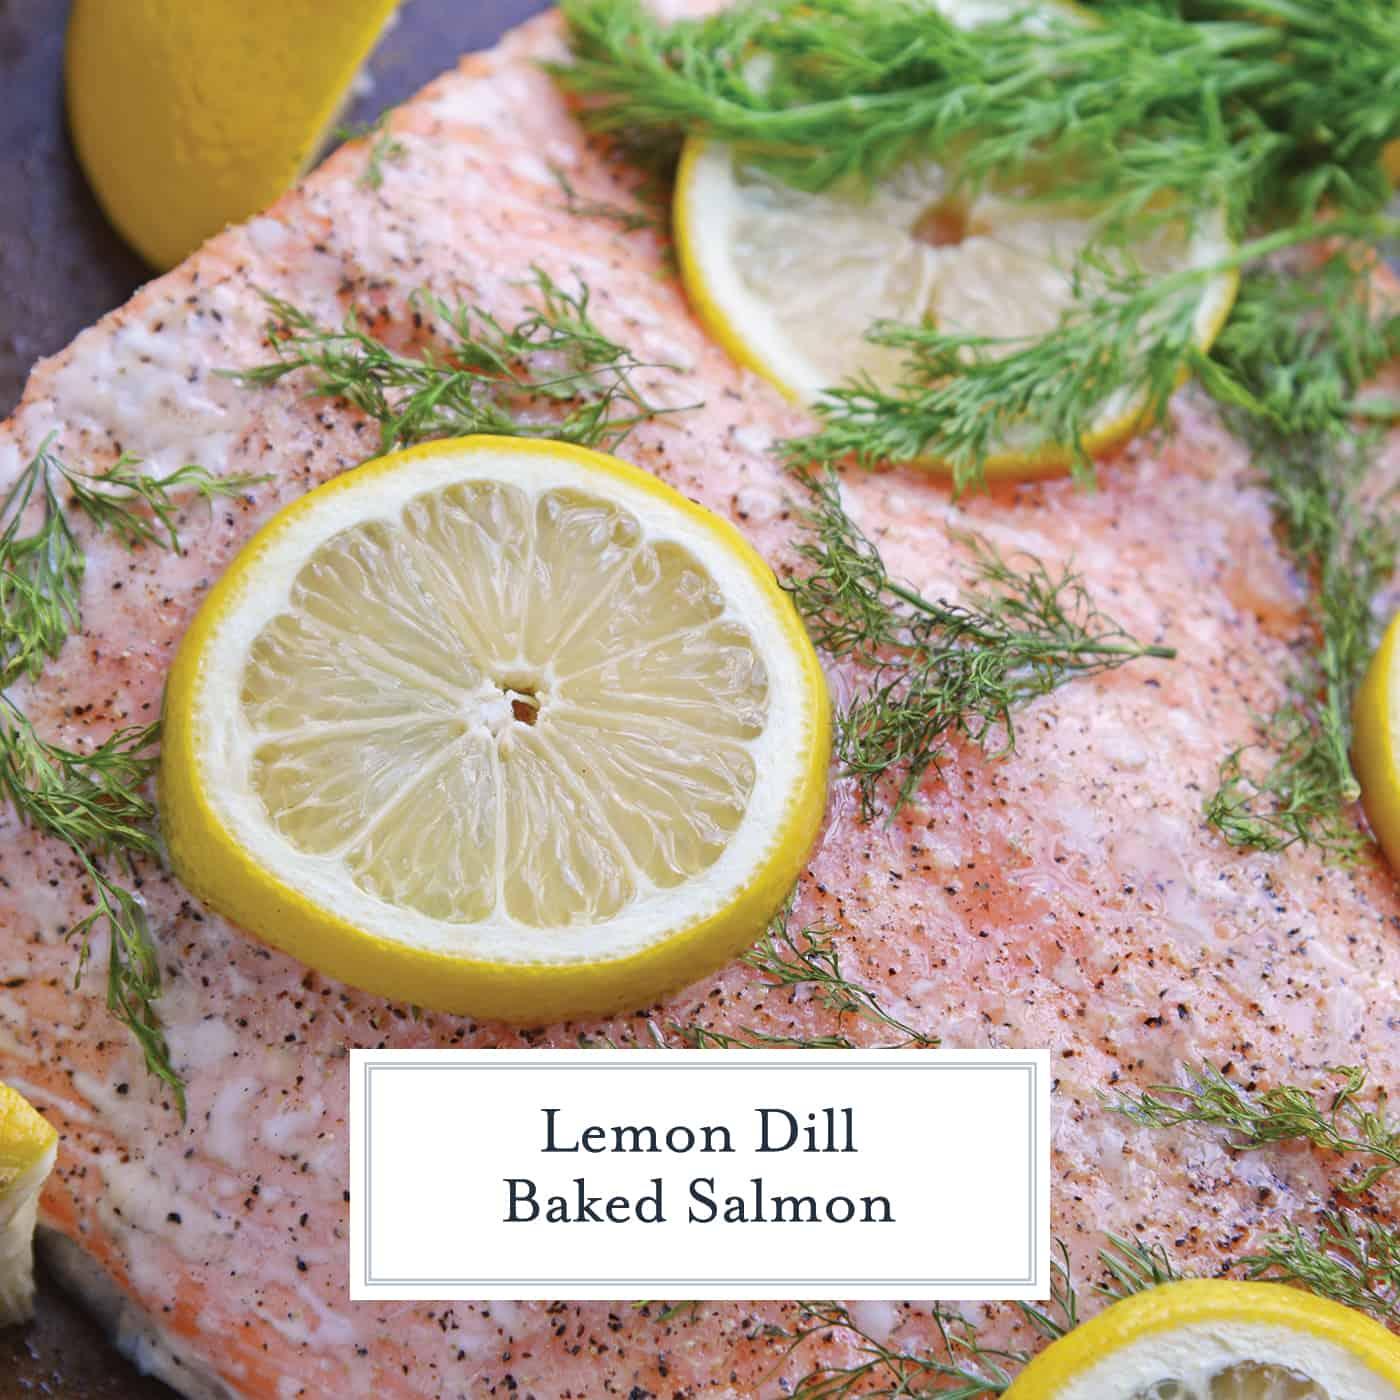 Lemon Dill Baked Salmon